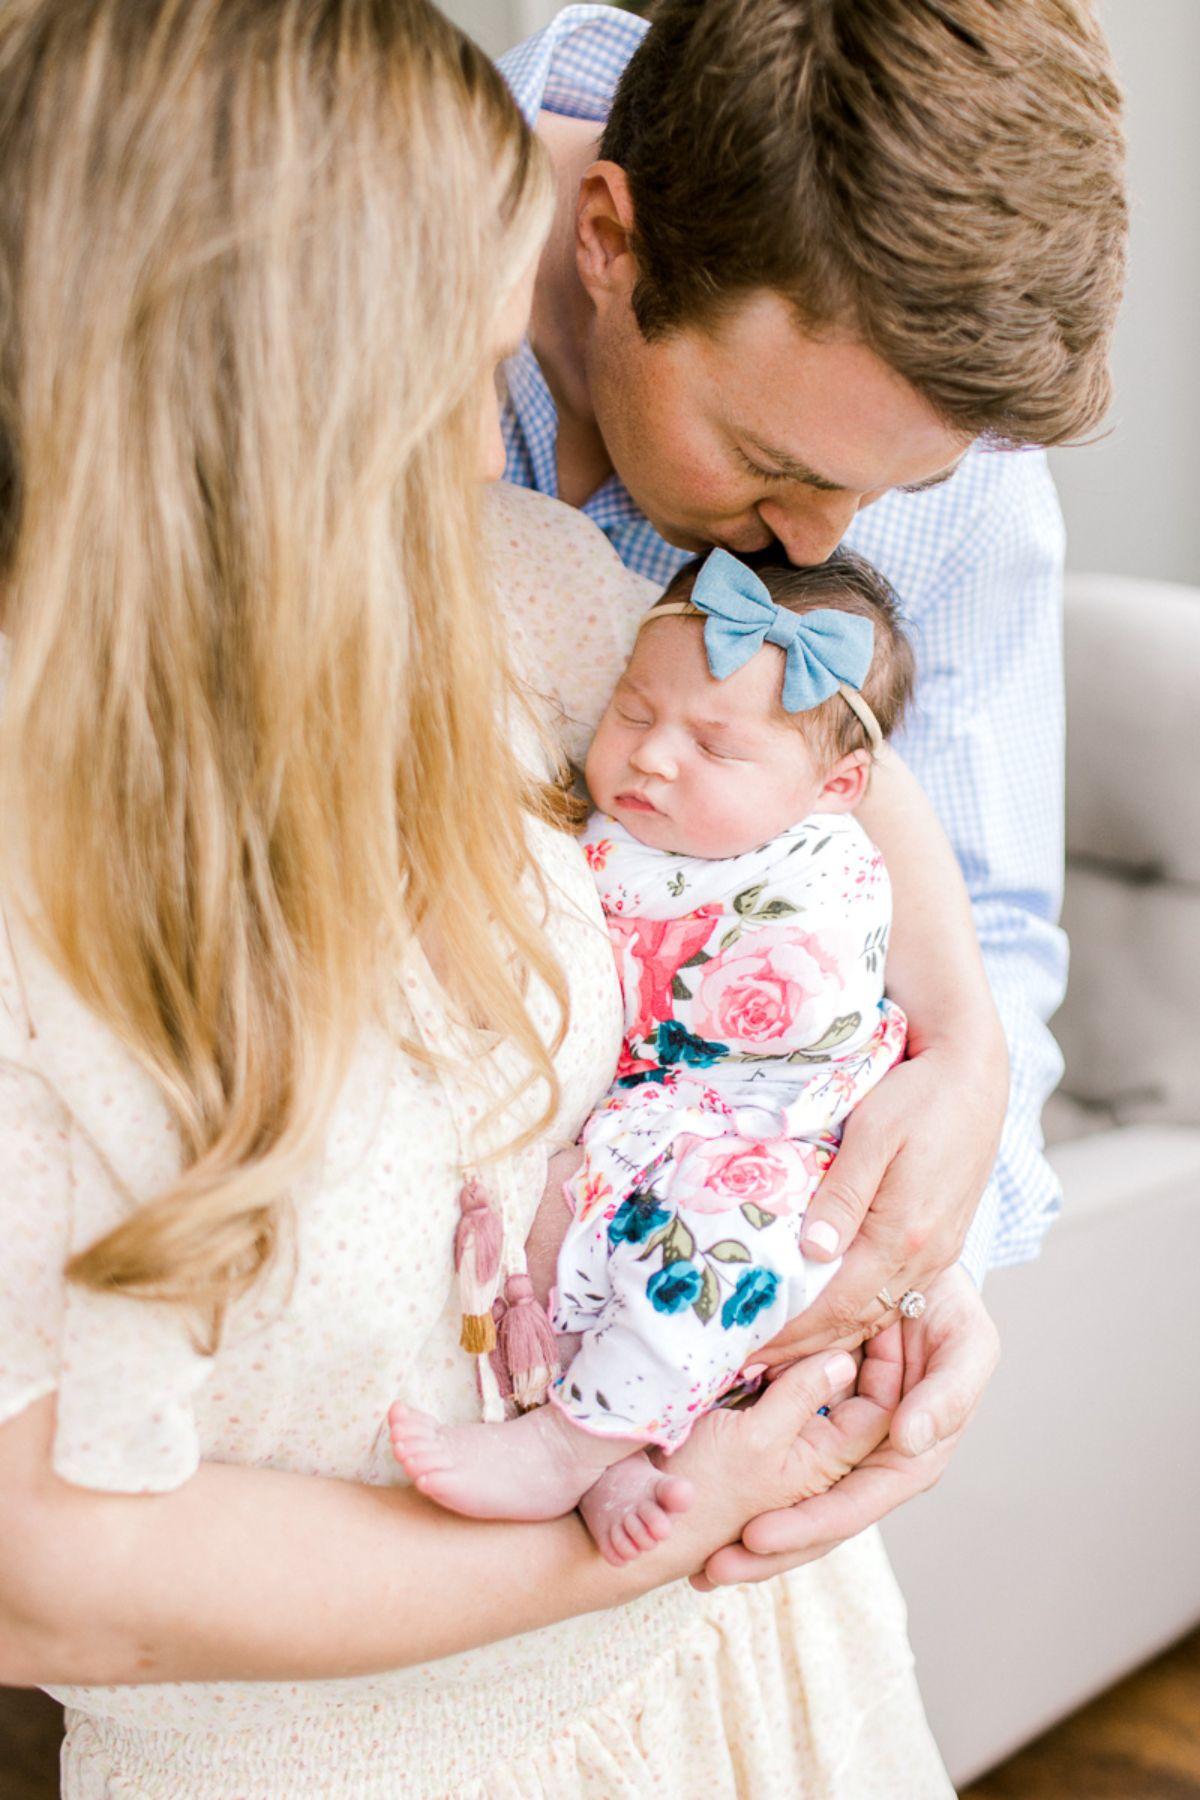 ennis-newborn-photographer-kaitlyn-bullard-charlotte-lifestyle-newborn-35.jpg